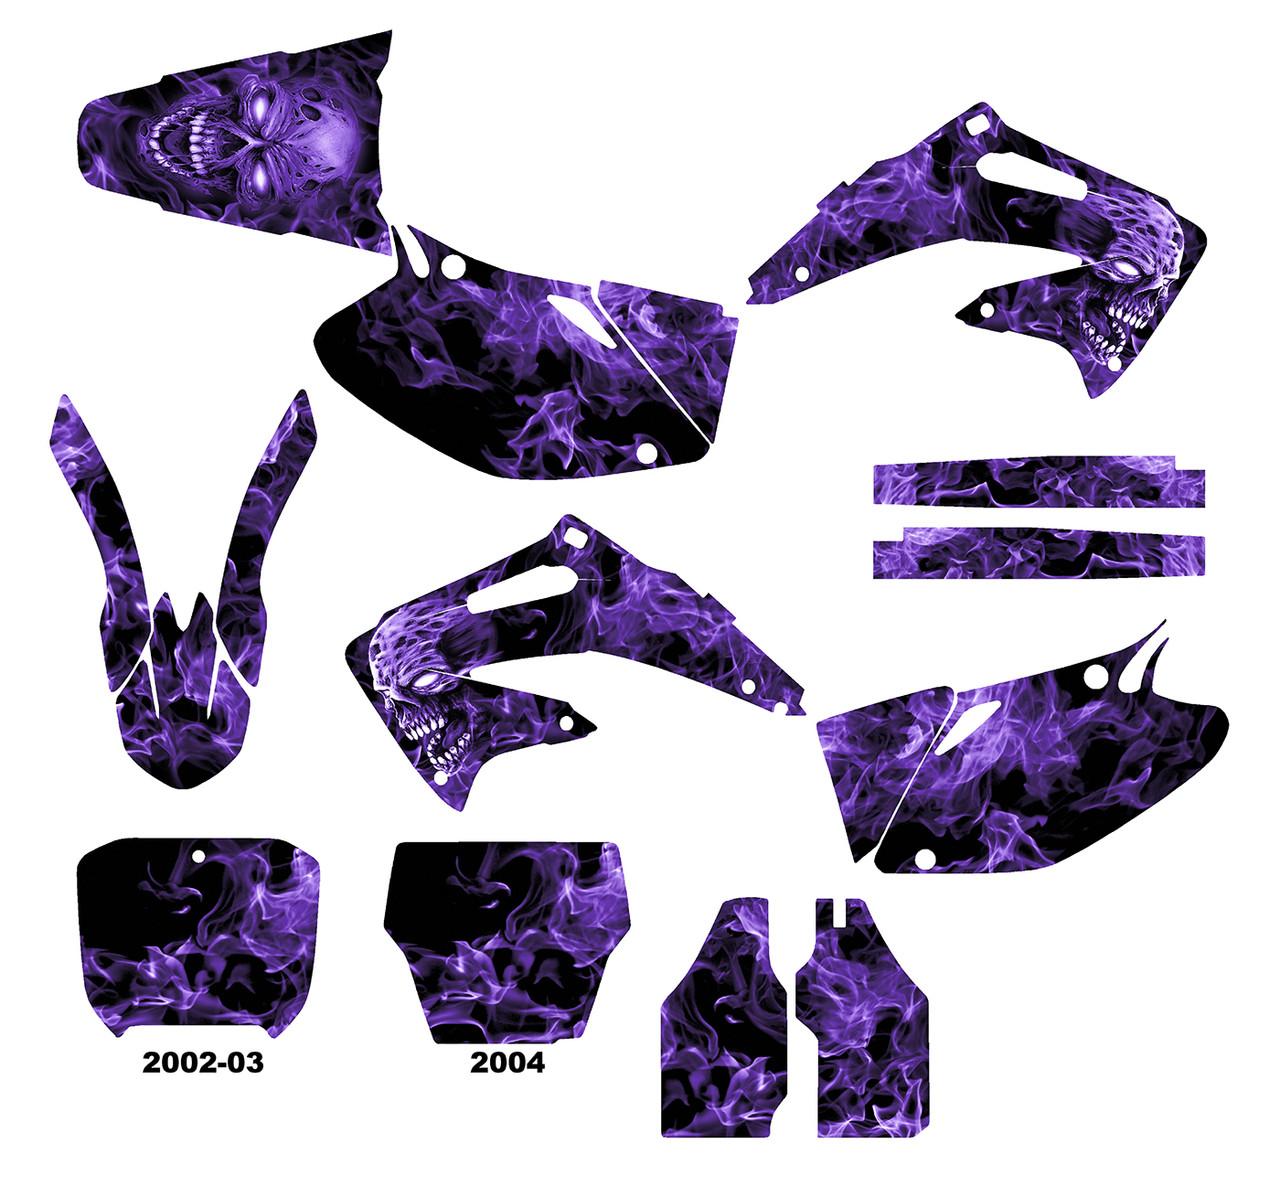 CRF450R 2002-04  Design 9500